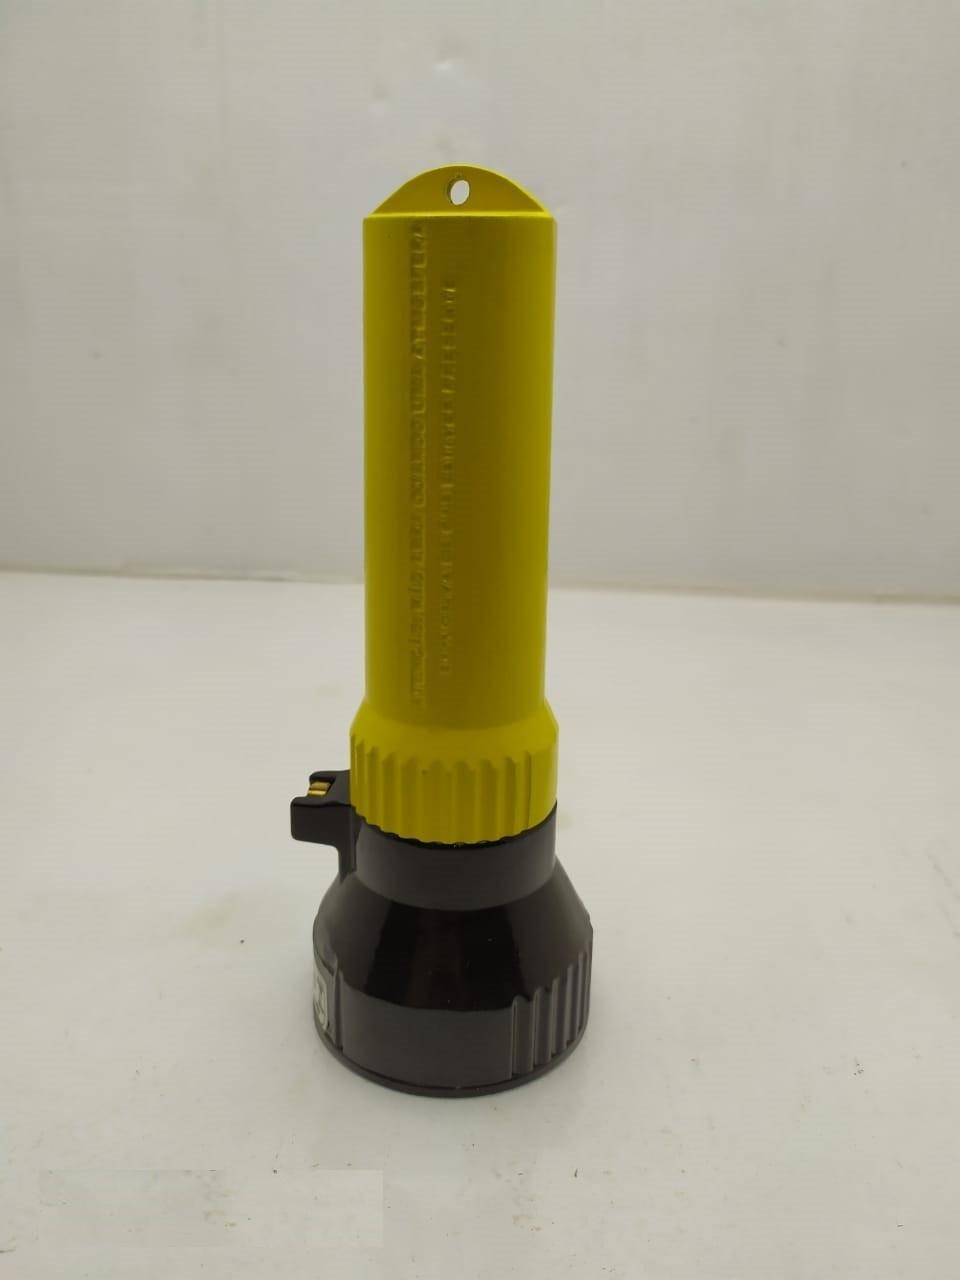 Foto2 - Lanterna A Prova De Explosão